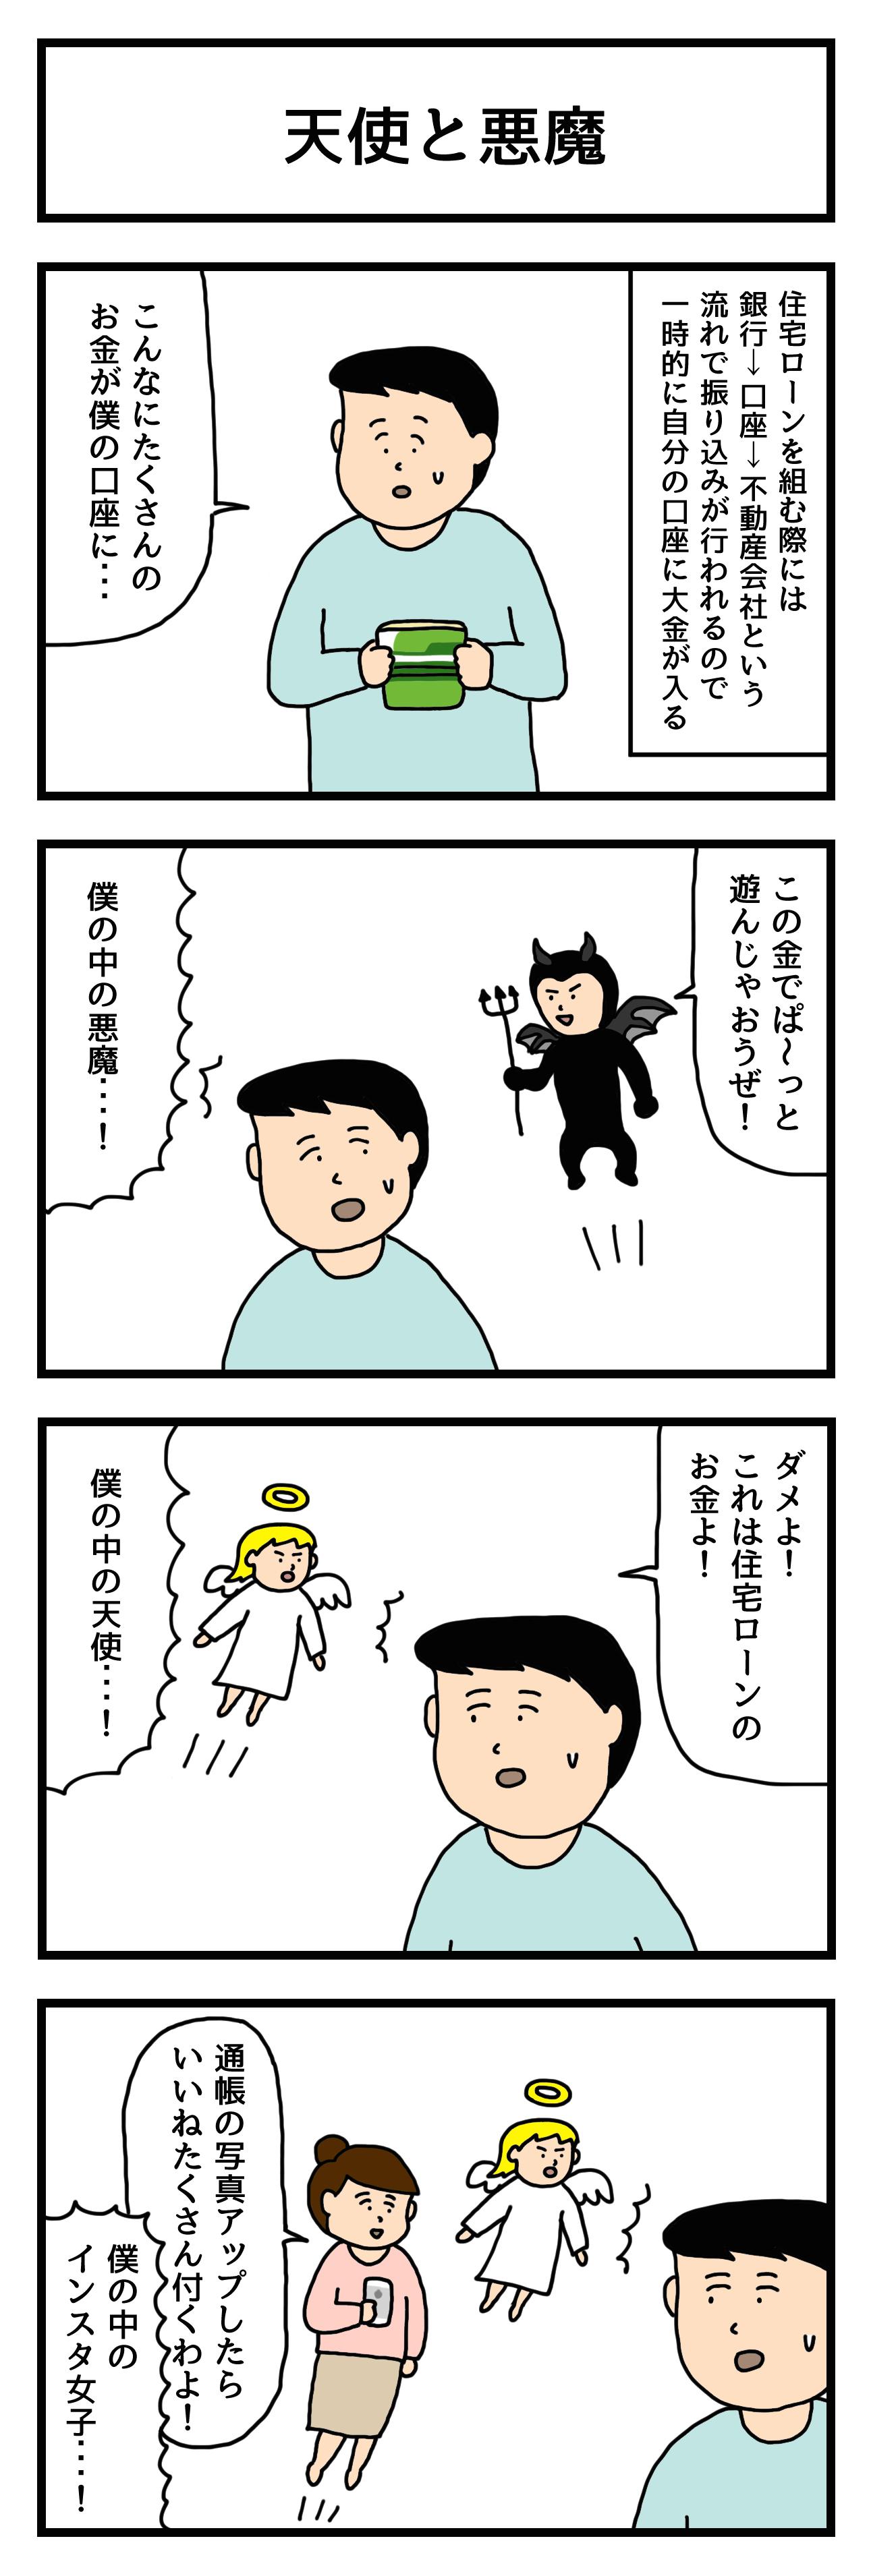 たのしい4コマ「天使と悪魔」